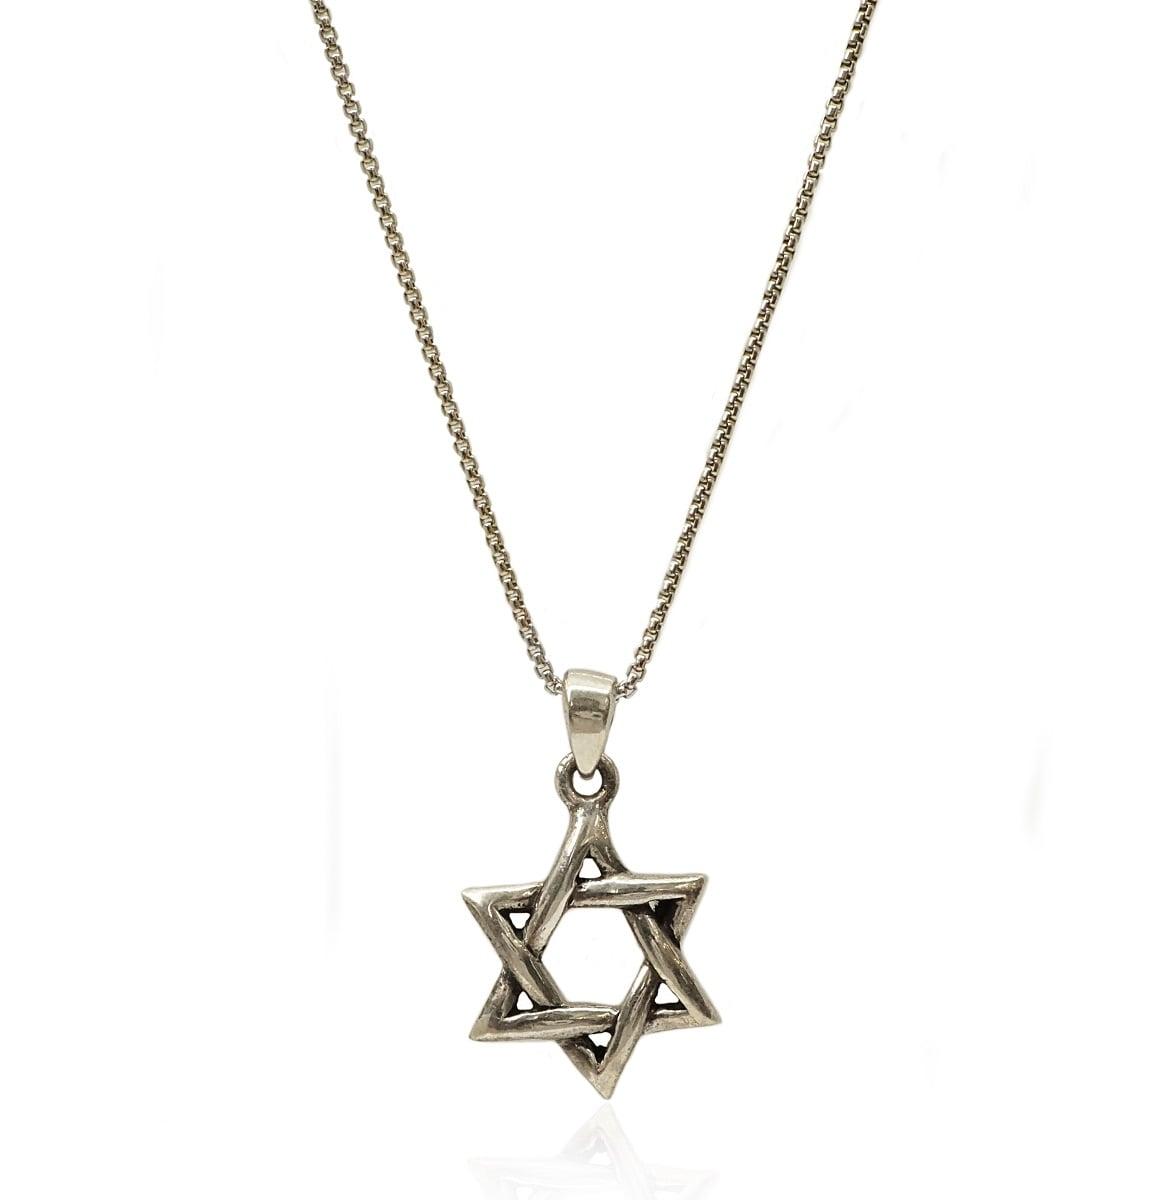 שרשרת ותליון מגן דוד  מכסף 925 מושחר